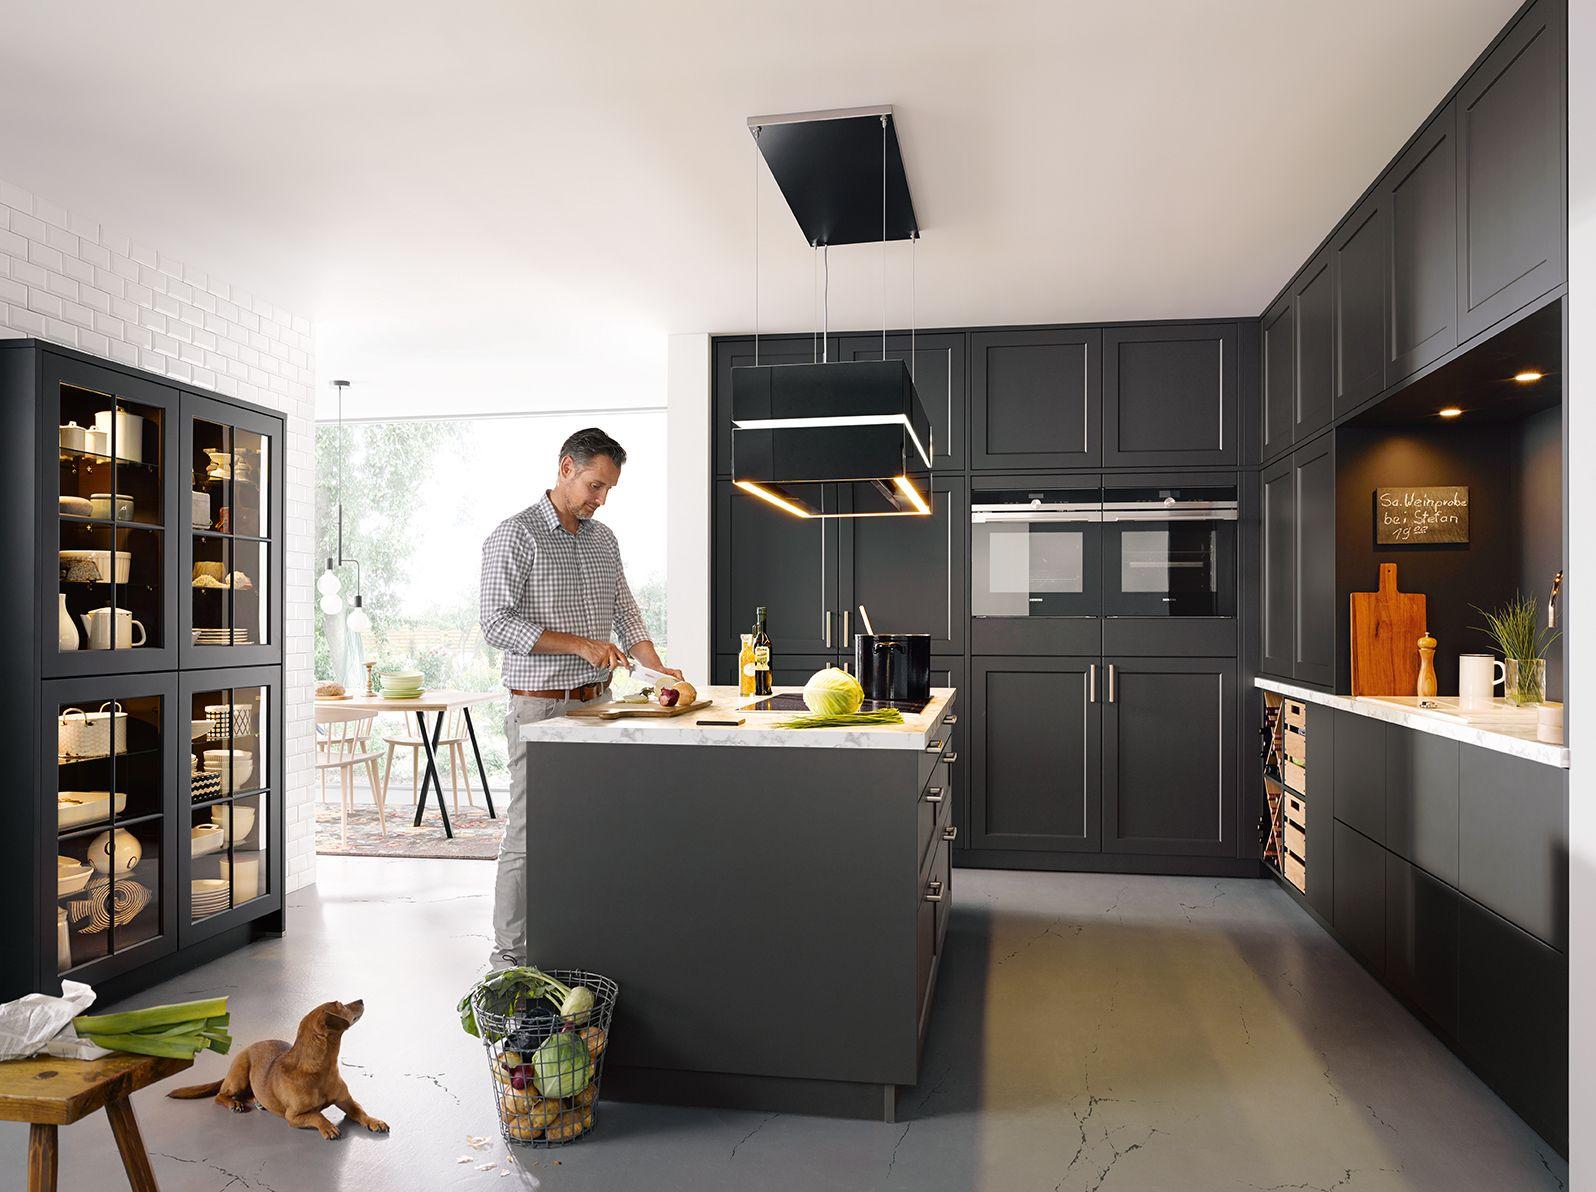 Grey Shaker Kitchen Ideas Schuller German Kitchens Vienna Germankitchens Kitchendesign Schulle Grey Shaker Kitchen Kitchens And Bedrooms Shaker Kitchen